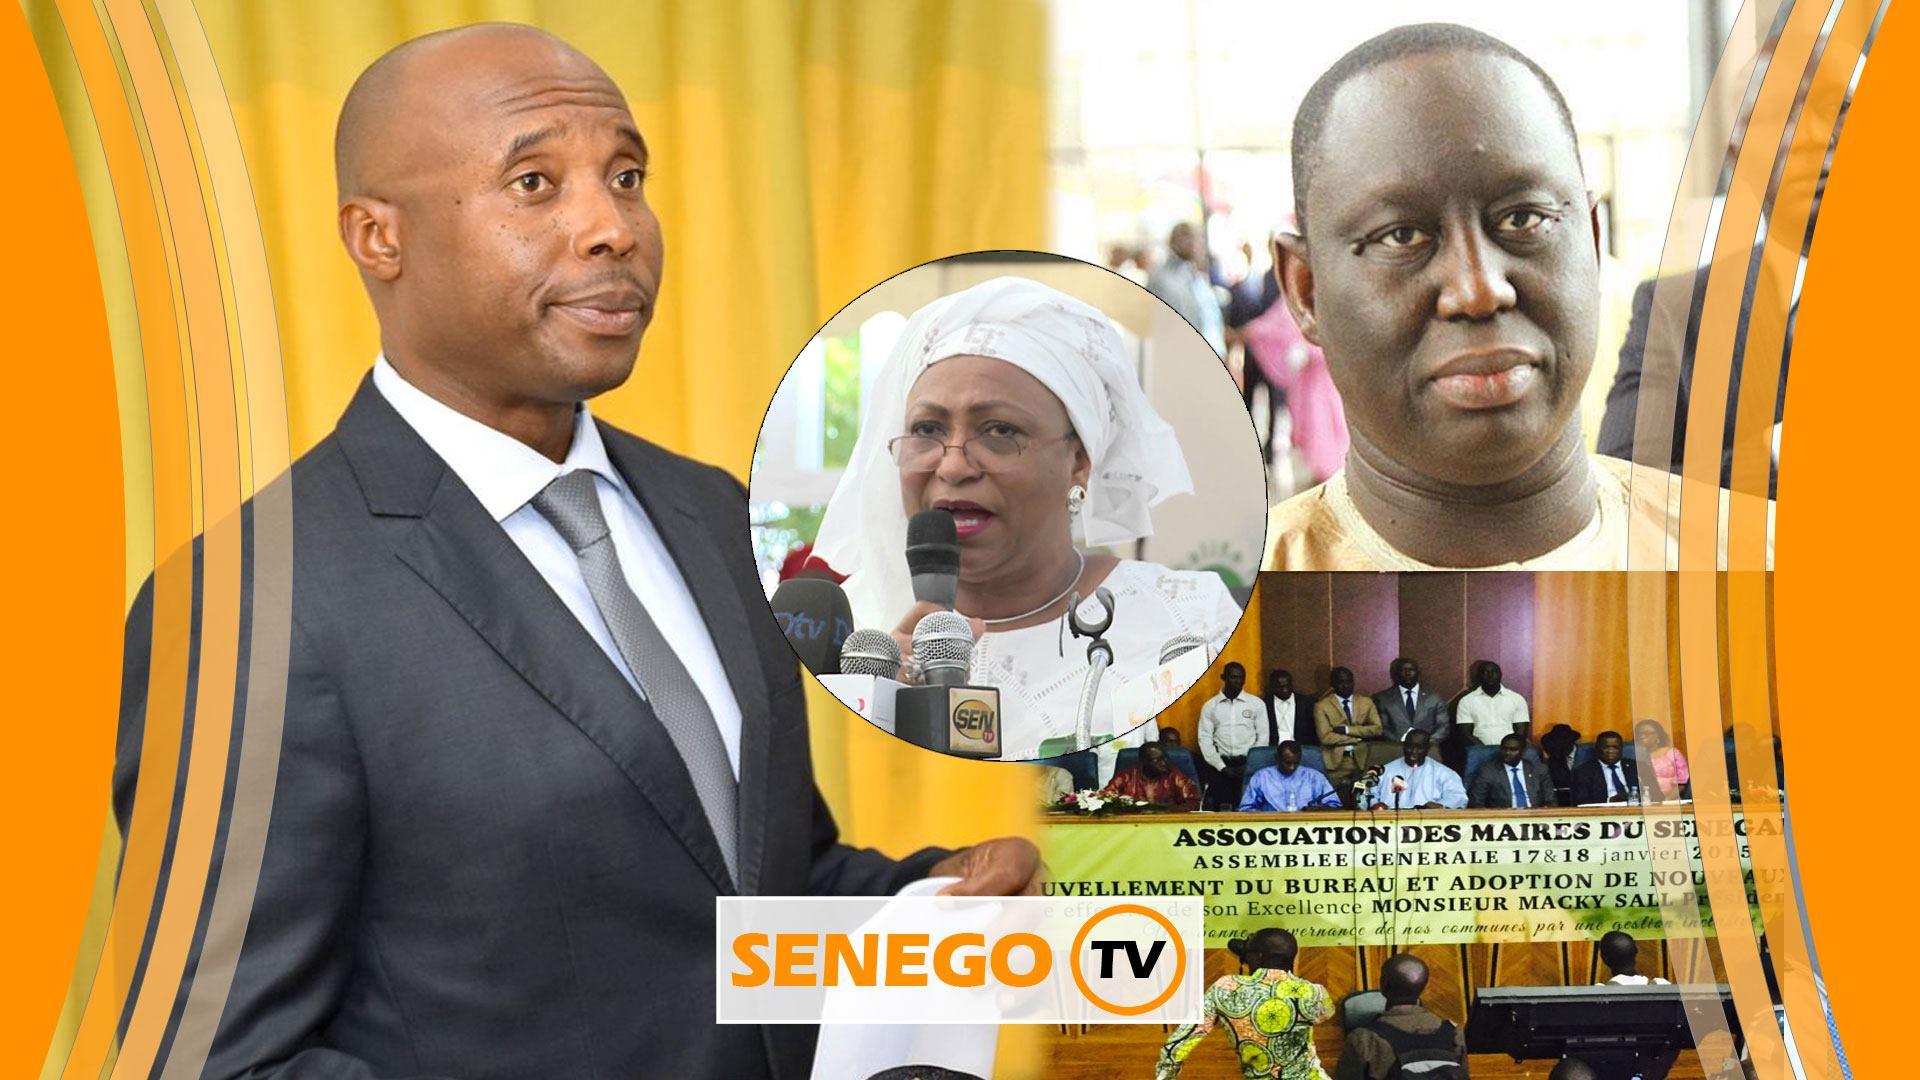 Affaire Petrotim – Barthélemy Dias : «J'ai décidé de démissionner de l'Association des maires du Sénégal…» (Senego Tv) - Adelaide Tambo et Macky Sall posent pour une photo - Relations publiques